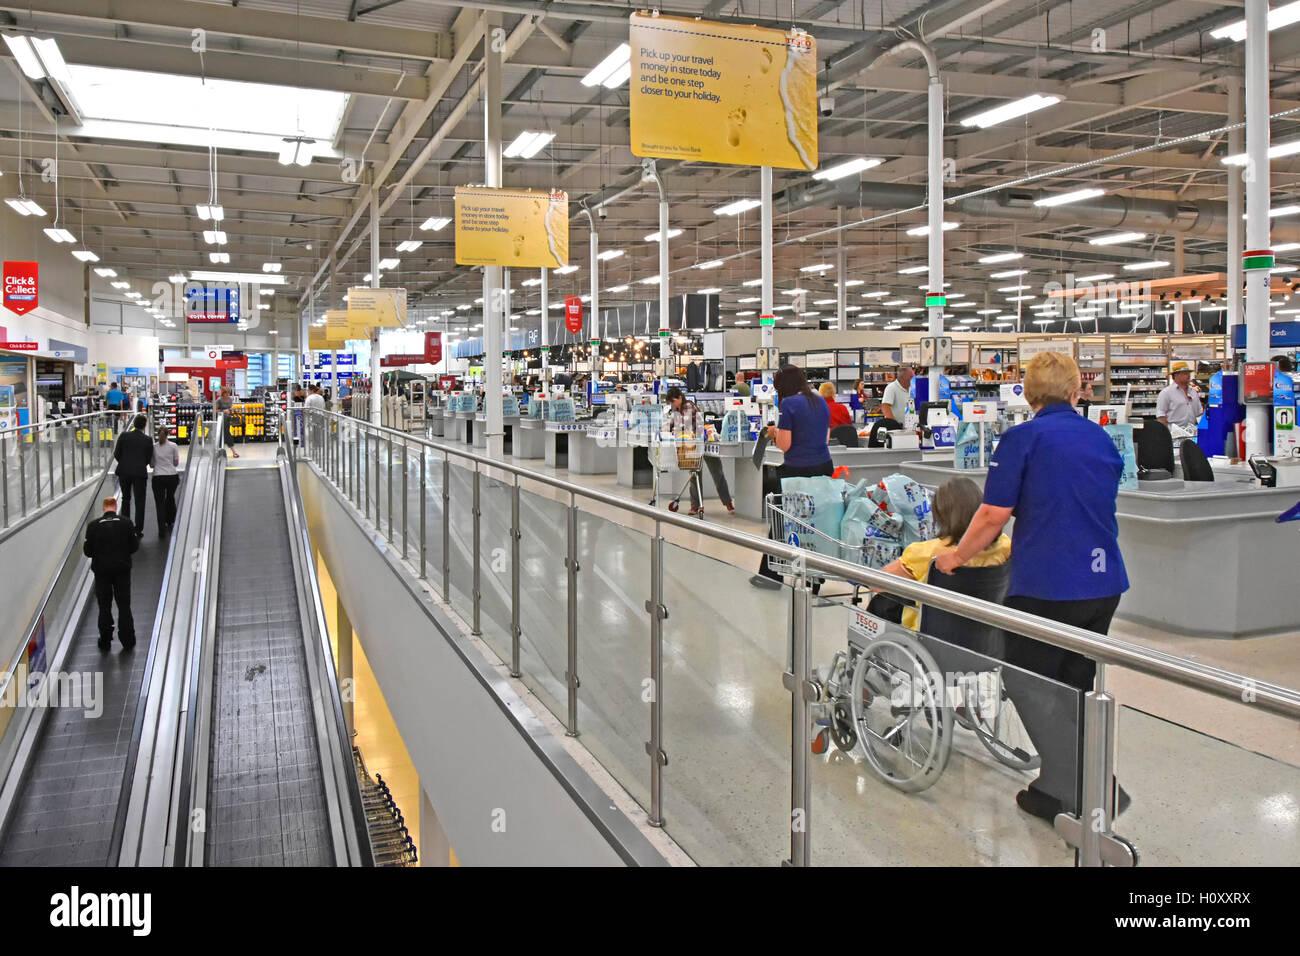 Disabilità il personale del servizio clienti & travellators inclinata nel supermercato Tesco store per Immagini Stock